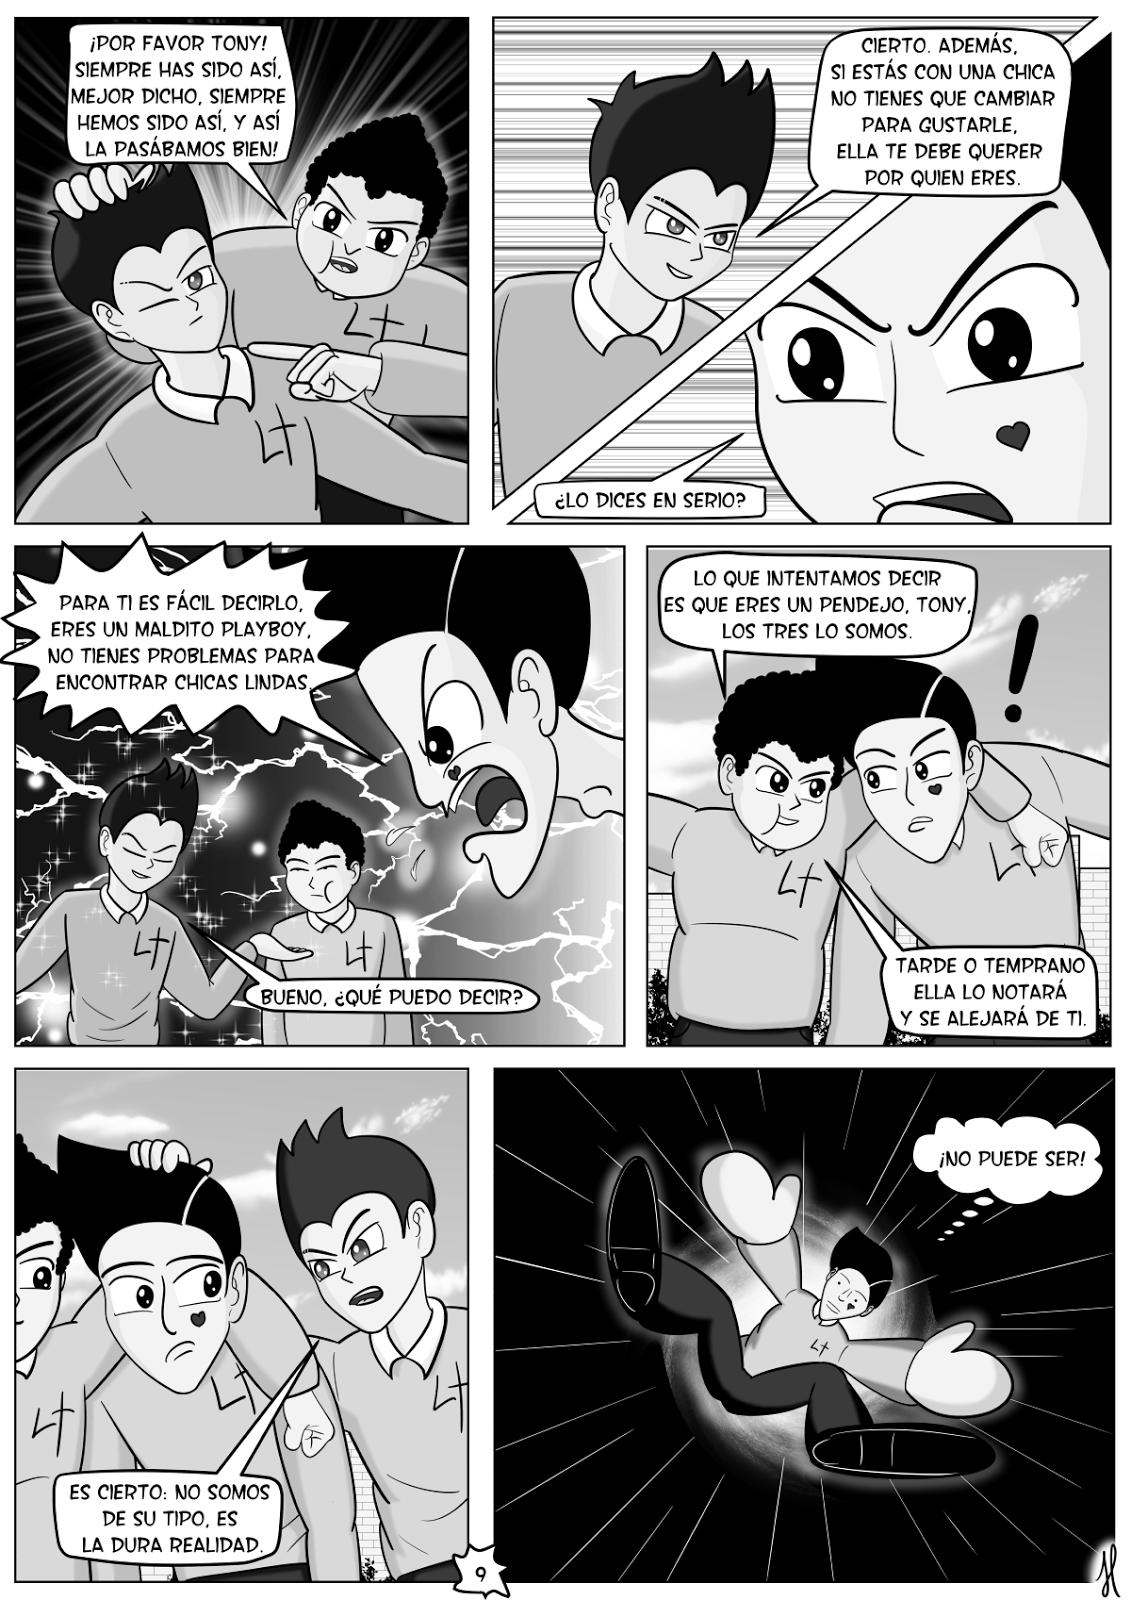 tony-sali-con-tu-mujer-pagina-9